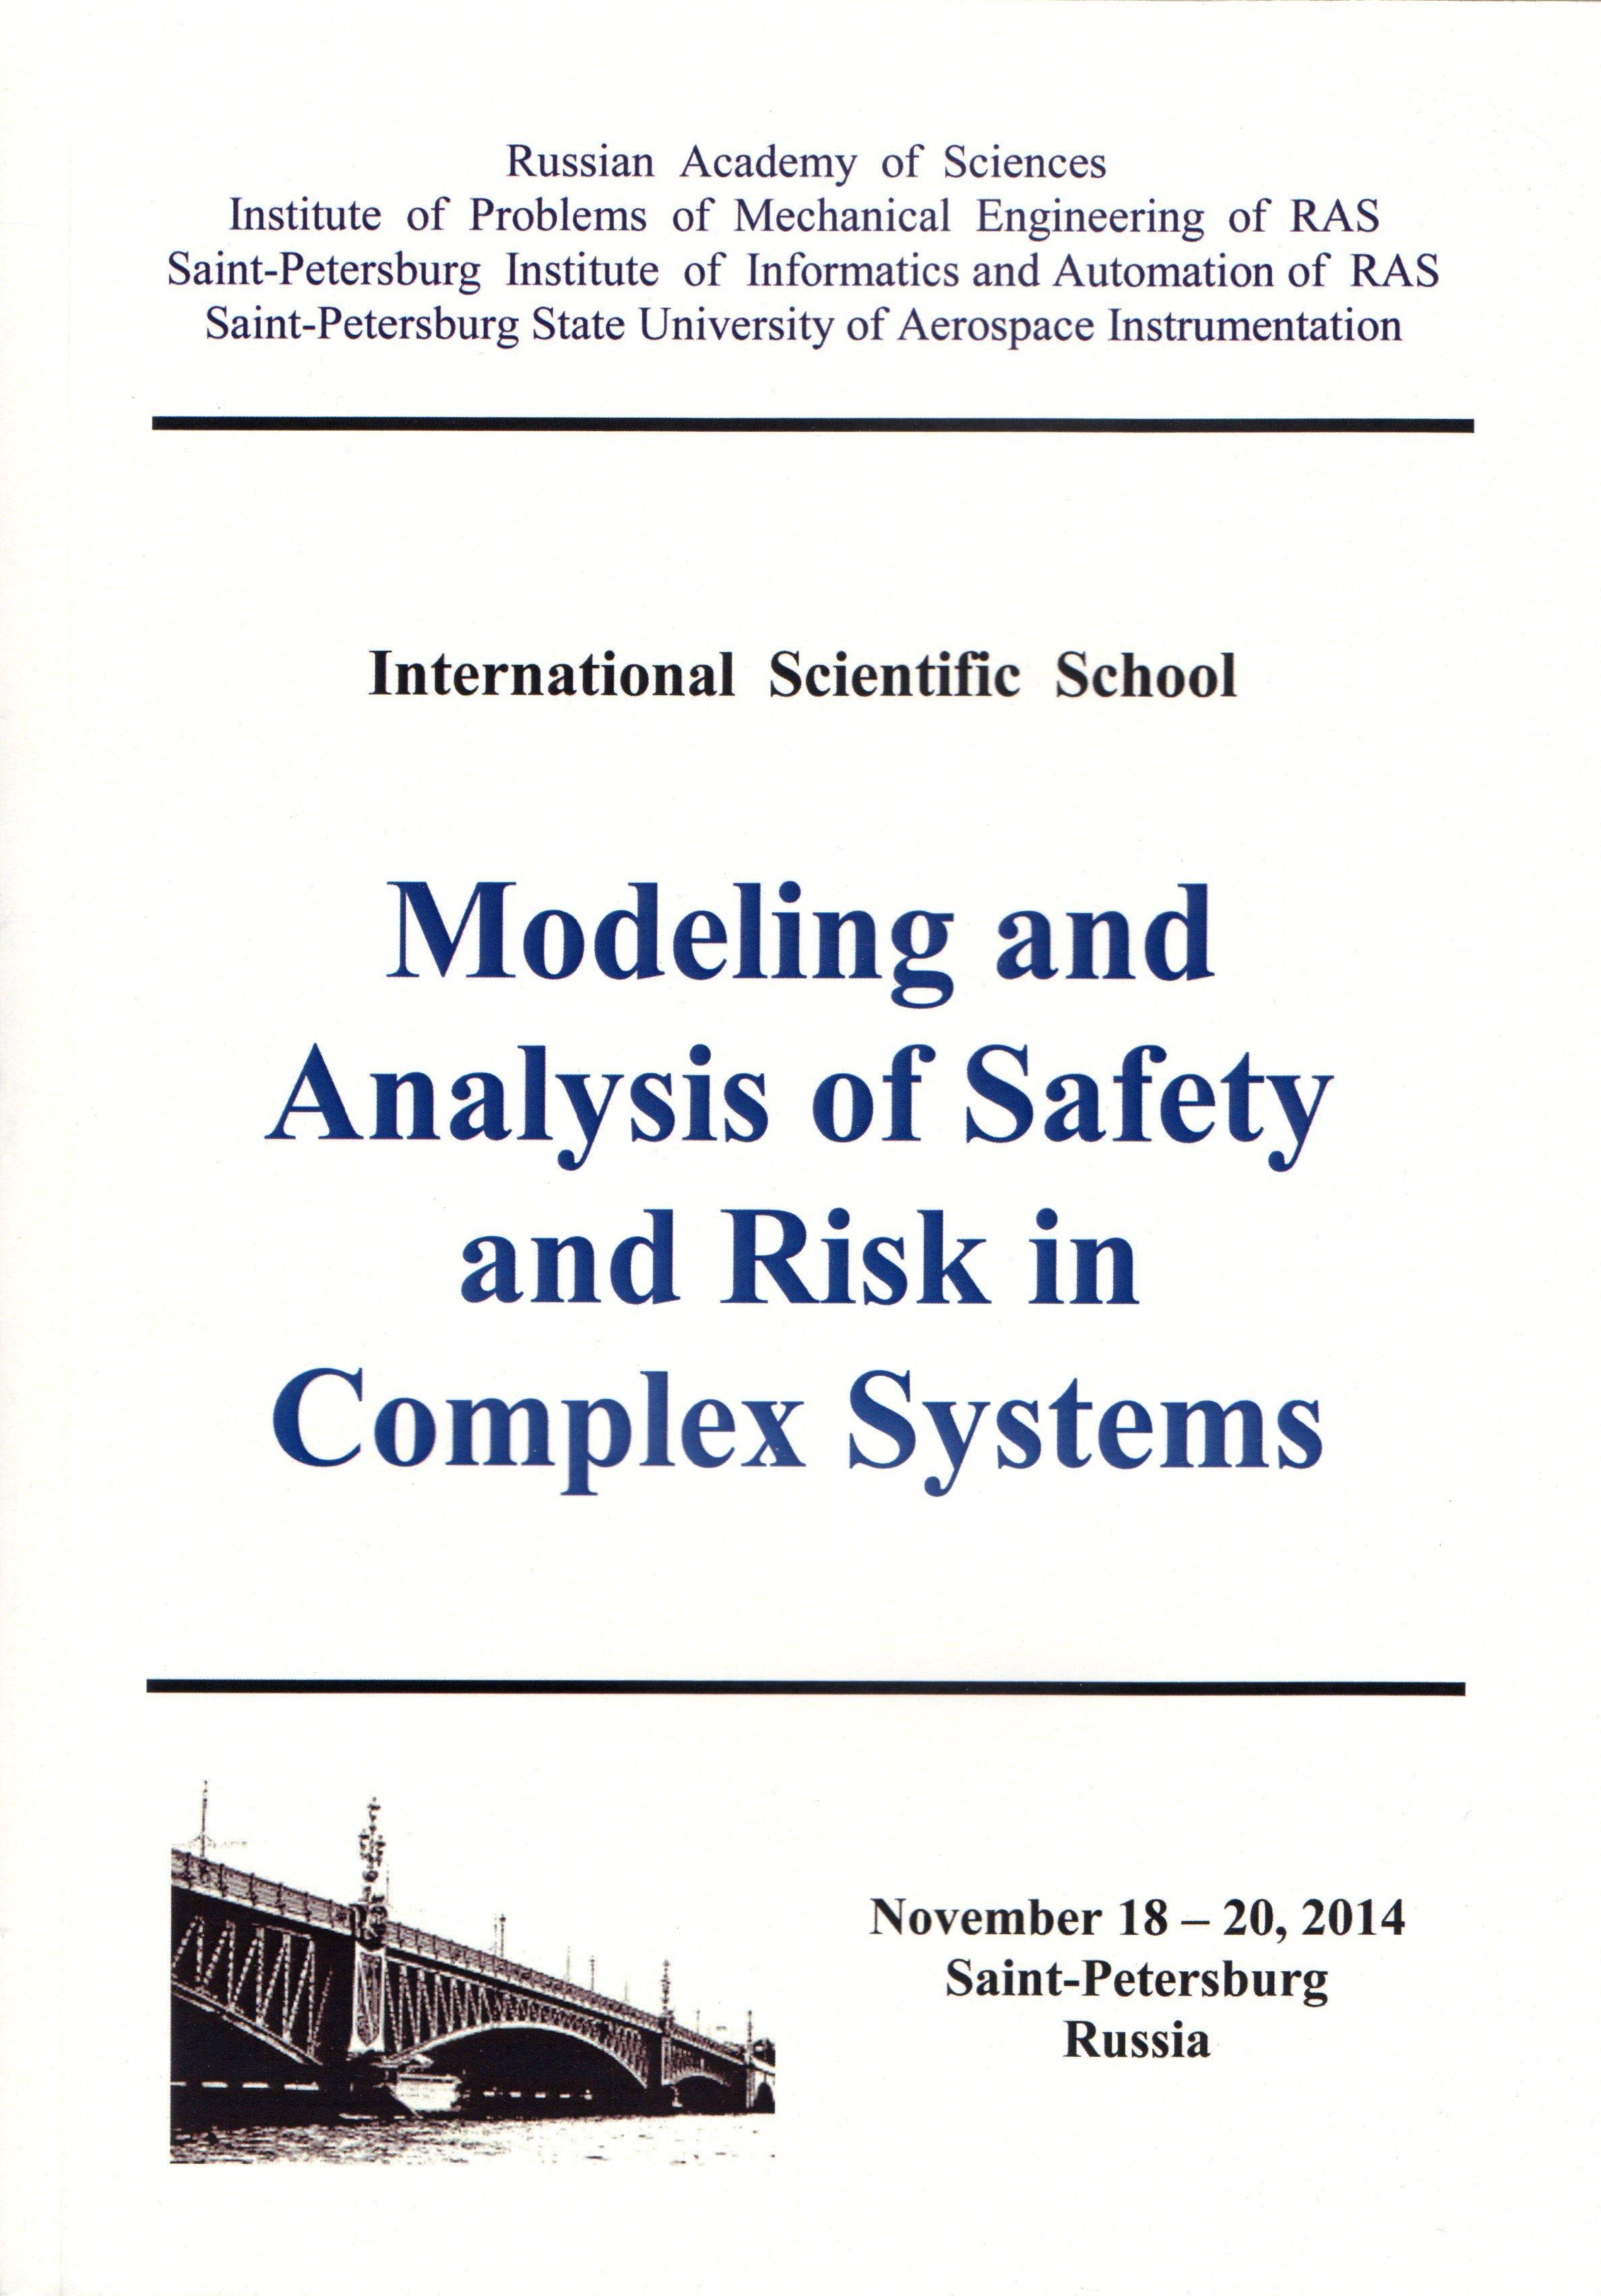 Моделирование и анализ безопасности и риска в сложных системах: Труды Международной научной школы МА БР - 2014 (Санкт-Петербург, 18 - 20 ноября, 2014 г.)